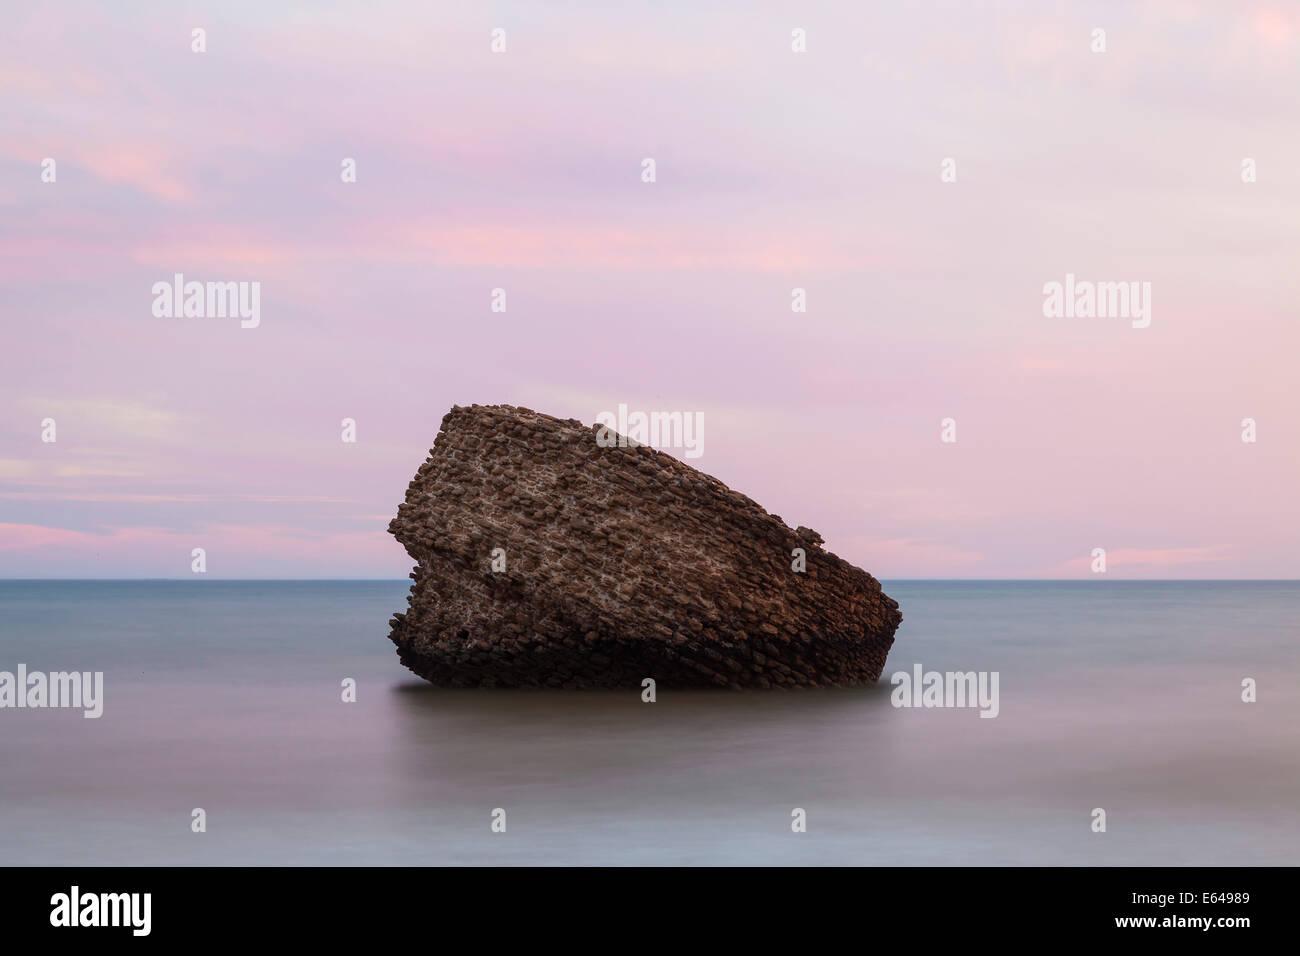 Rock (einem alten Wachturm oder Leuchtfeuer) am Strand von Matalascañas bei Sonnenuntergang, Andalusien, Spanien Stockbild